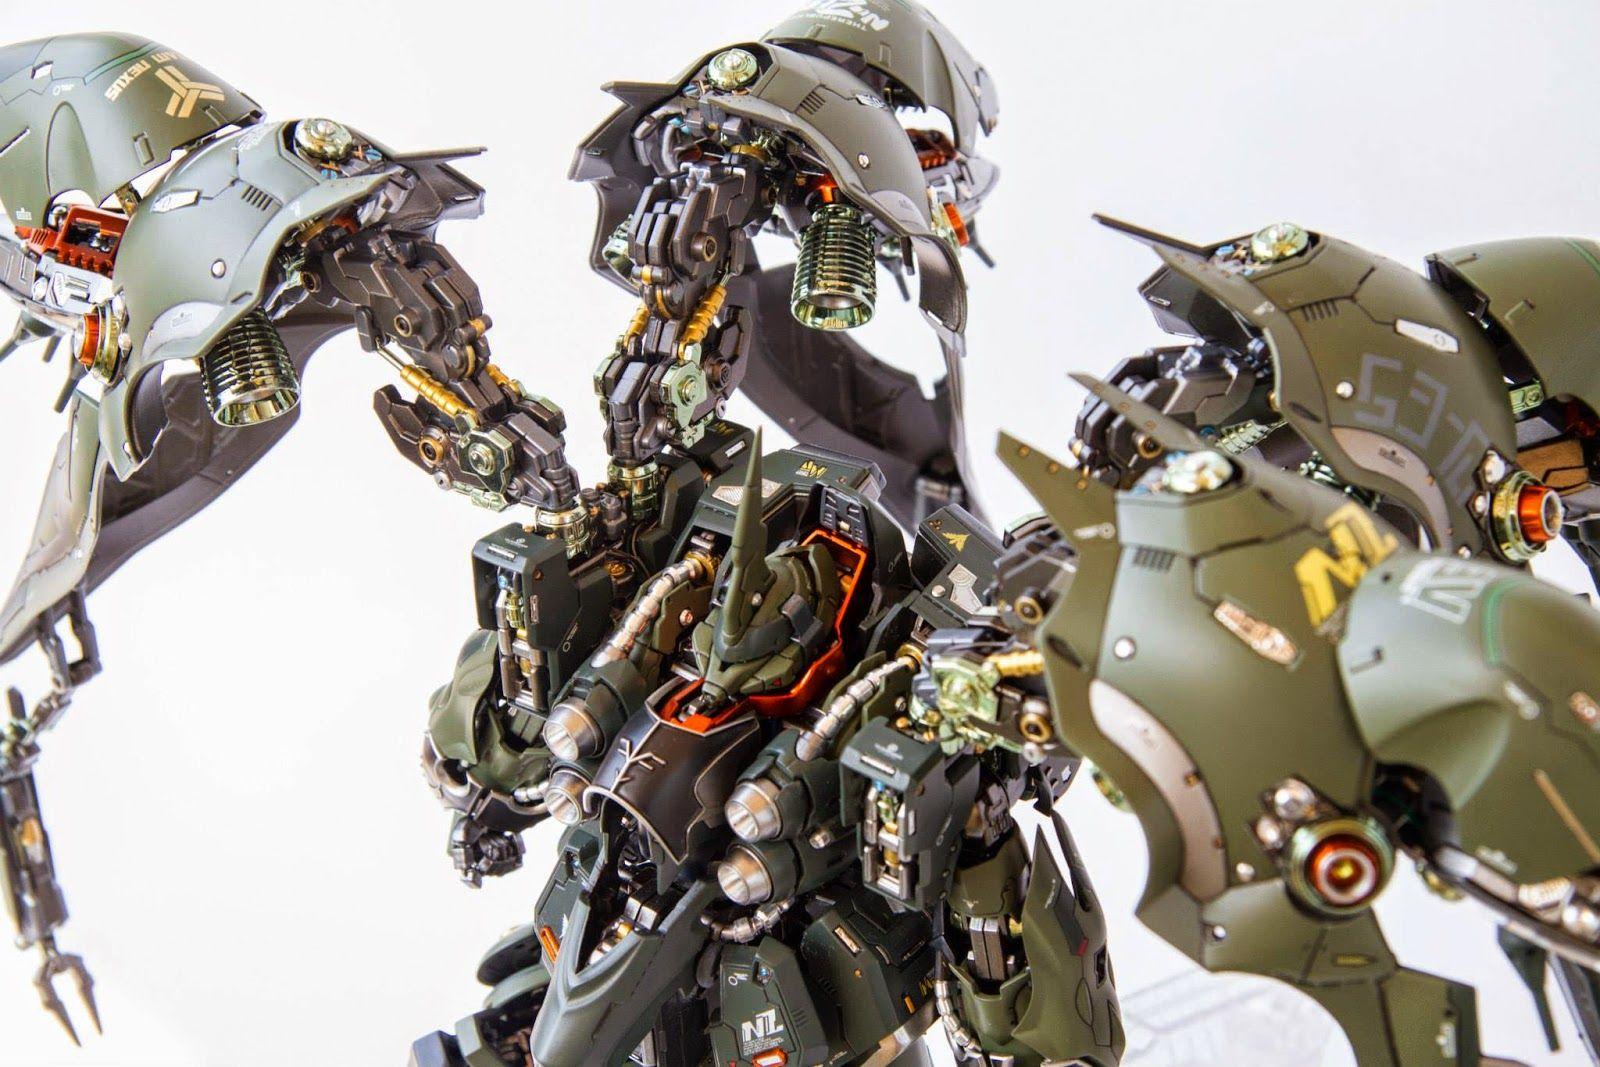 Custom Build: Elyn Hobby 1/100 NZ-666 Kshatriya + LED - Gundam Kits